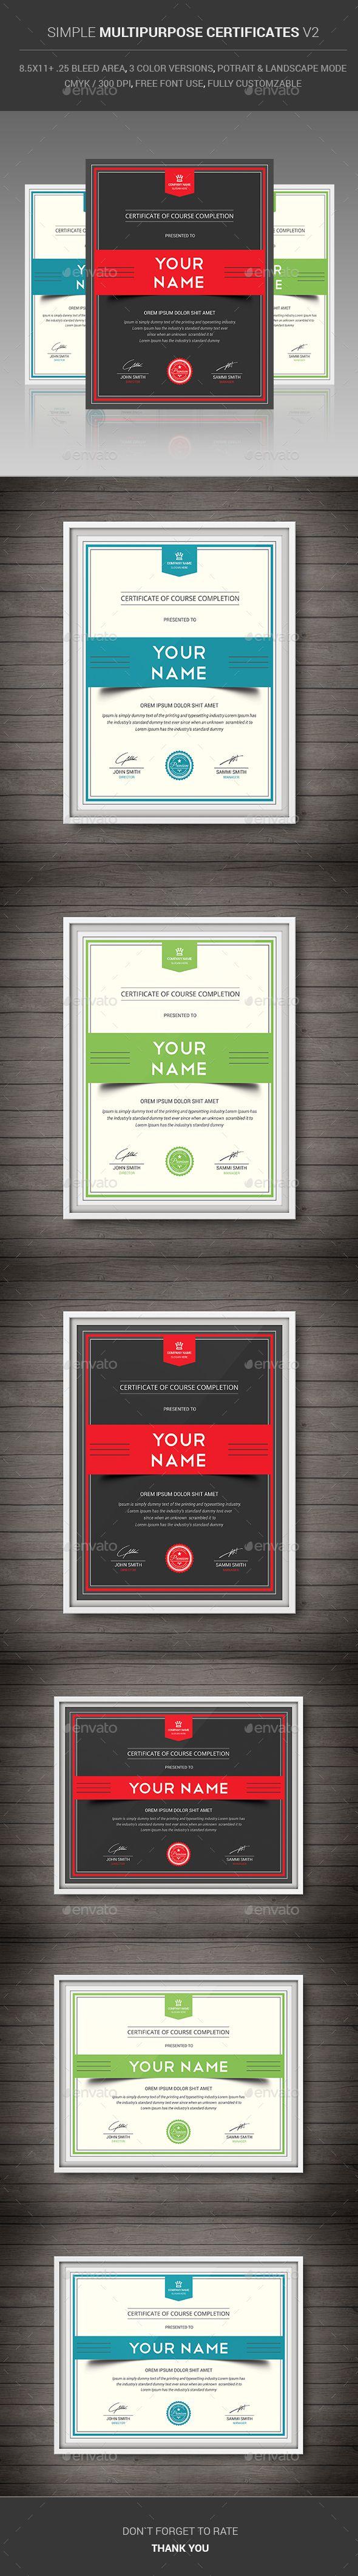 Best performance award certificate 09 | Pinterest